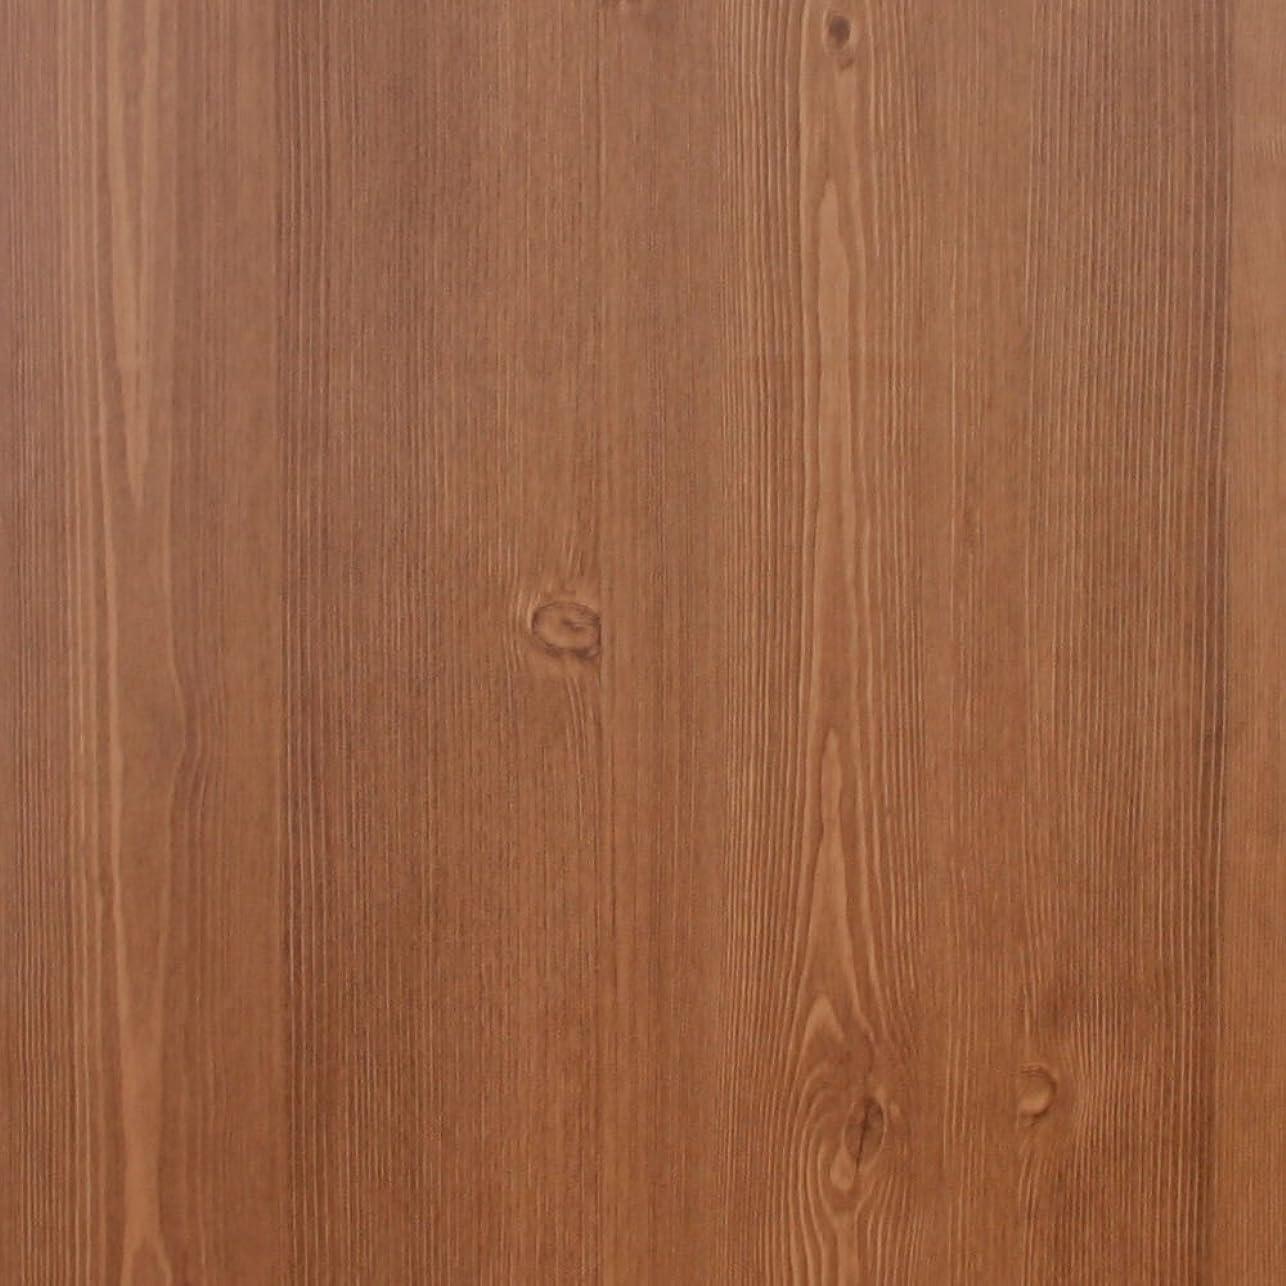 幾何学アプトベギンケイ?ララ 壁紙シール 木目 はがせる クロス のり付き おしゃれ [nw-023:ブラウン] 幅100cm×長さ1m単位 ウォールステッカー DIY 壁紙 シール リメイクシート